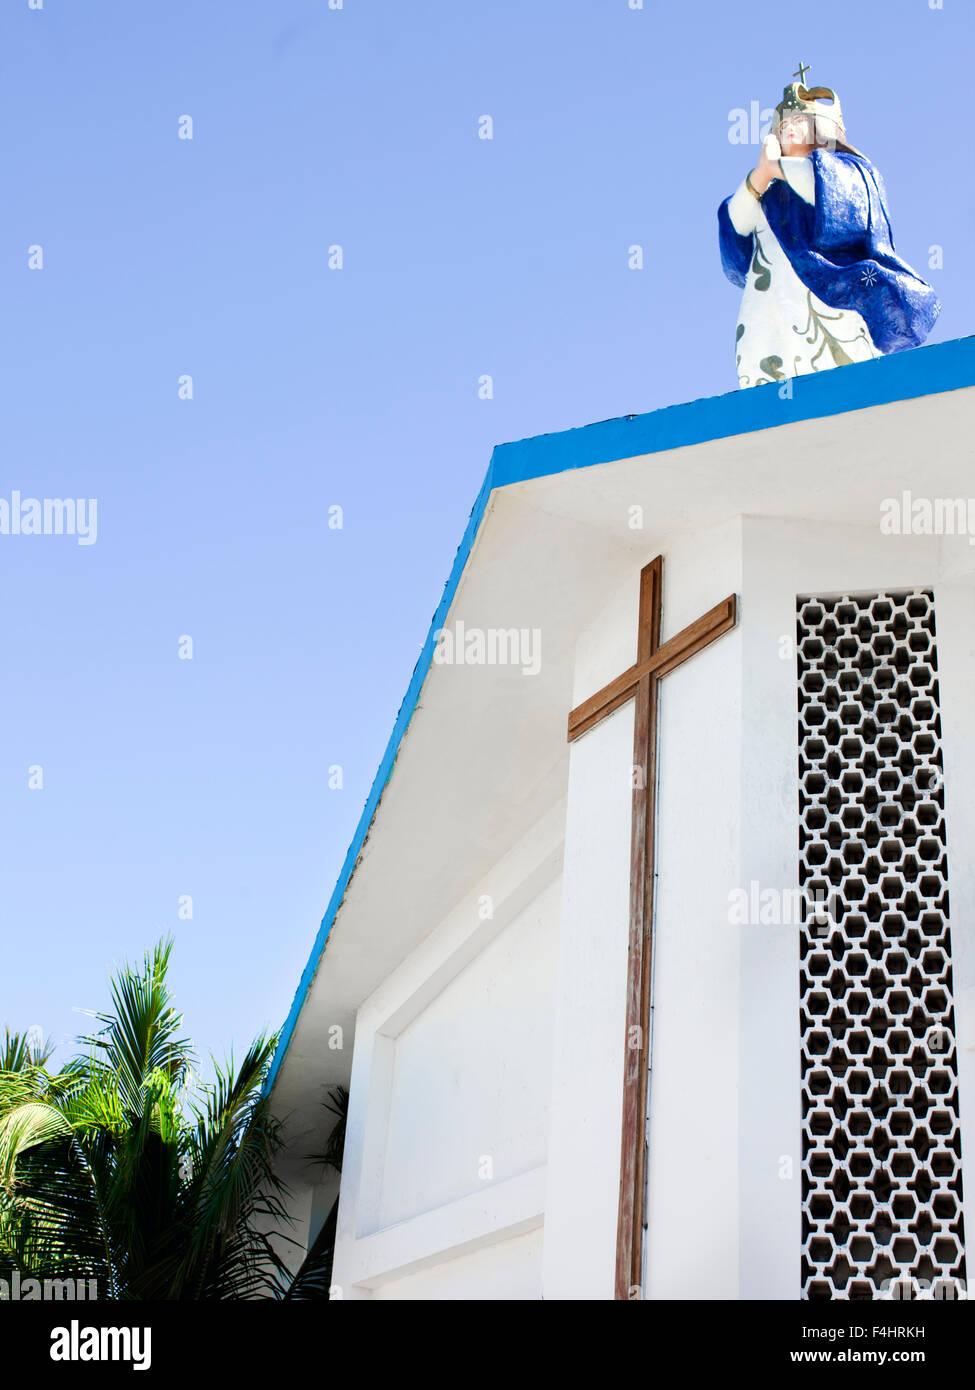 La estatua de la Virgen María en el techo de la Iglesia de la Inmaculada Concepción, Isla Mujeres, México Imagen De Stock